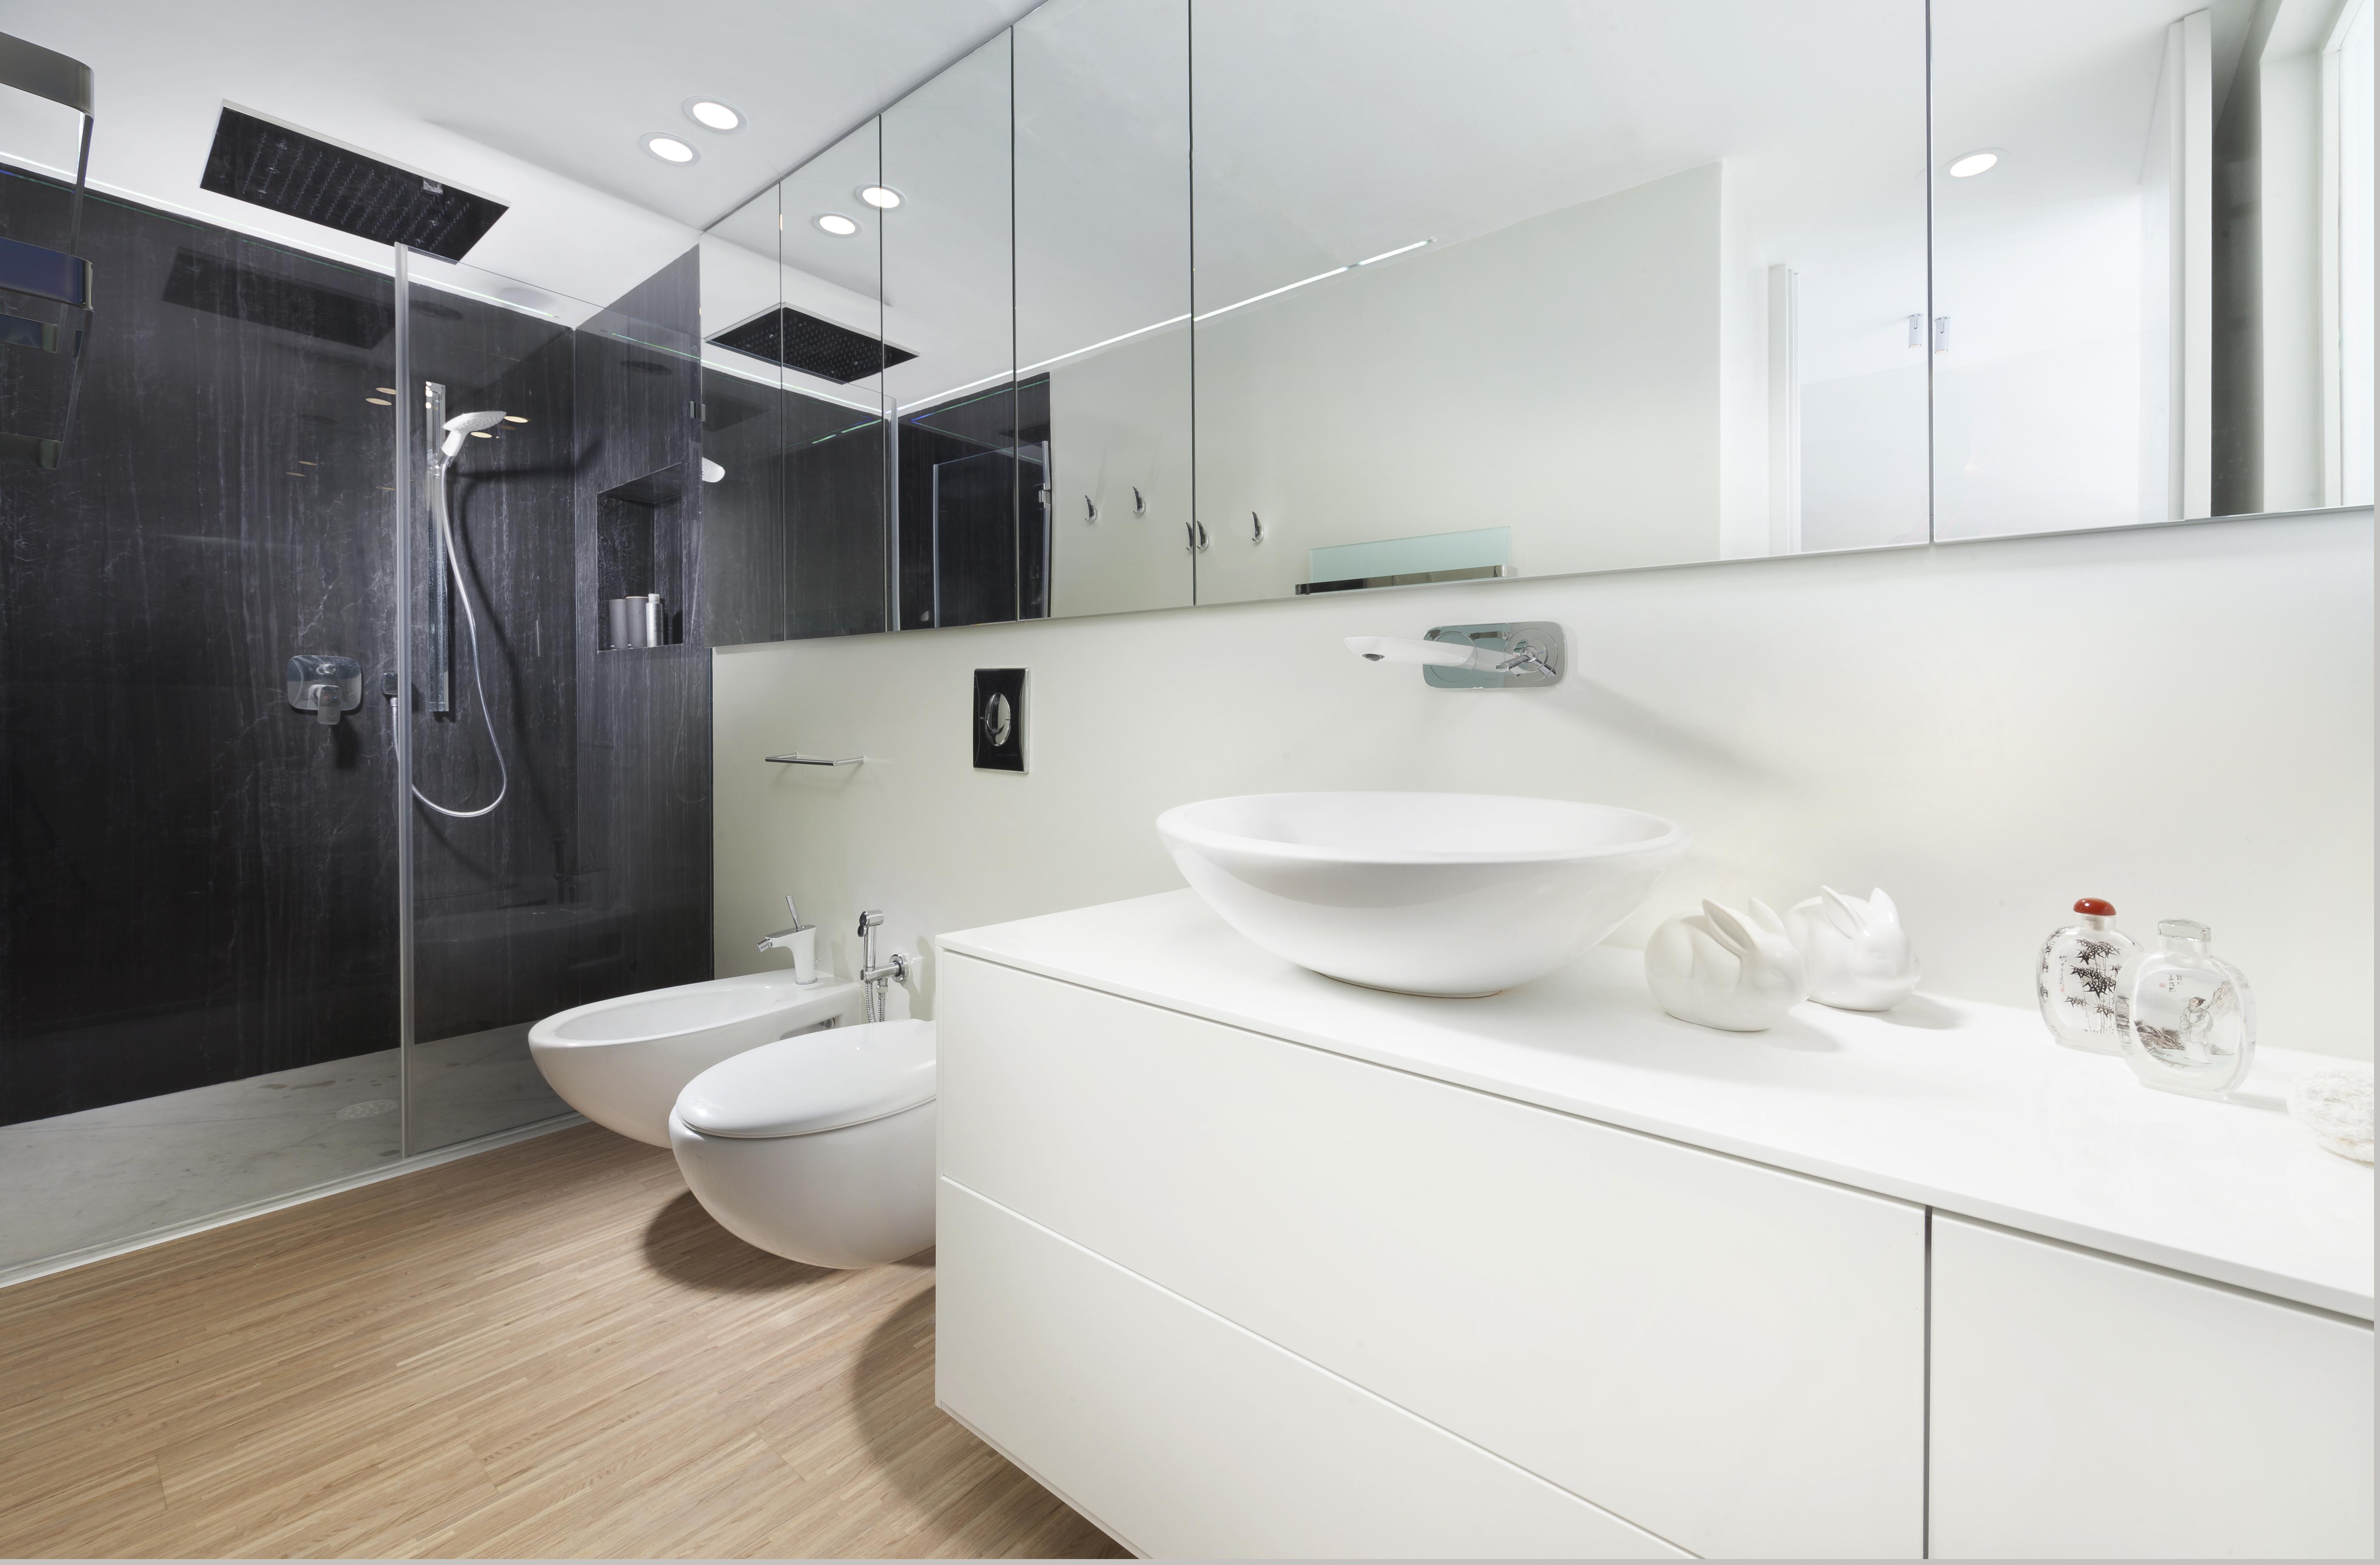 חדר אמבטיה בעיצוב מודרני